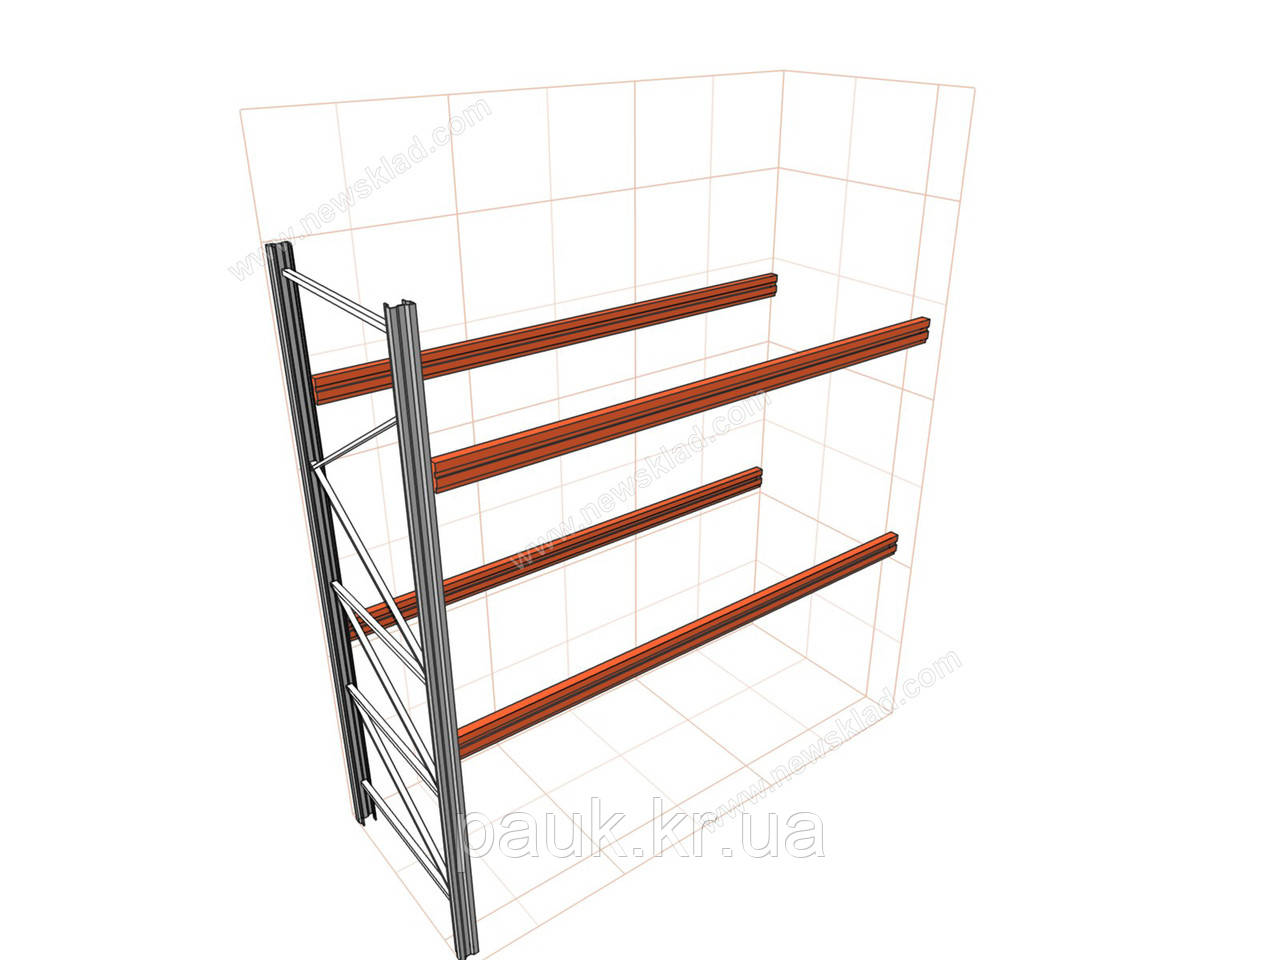 Паллетный стеллаж приставной H3500хL2700х1100 мм(пол.+2 уровня по 2300 кг на уровень), хранение на паллетах